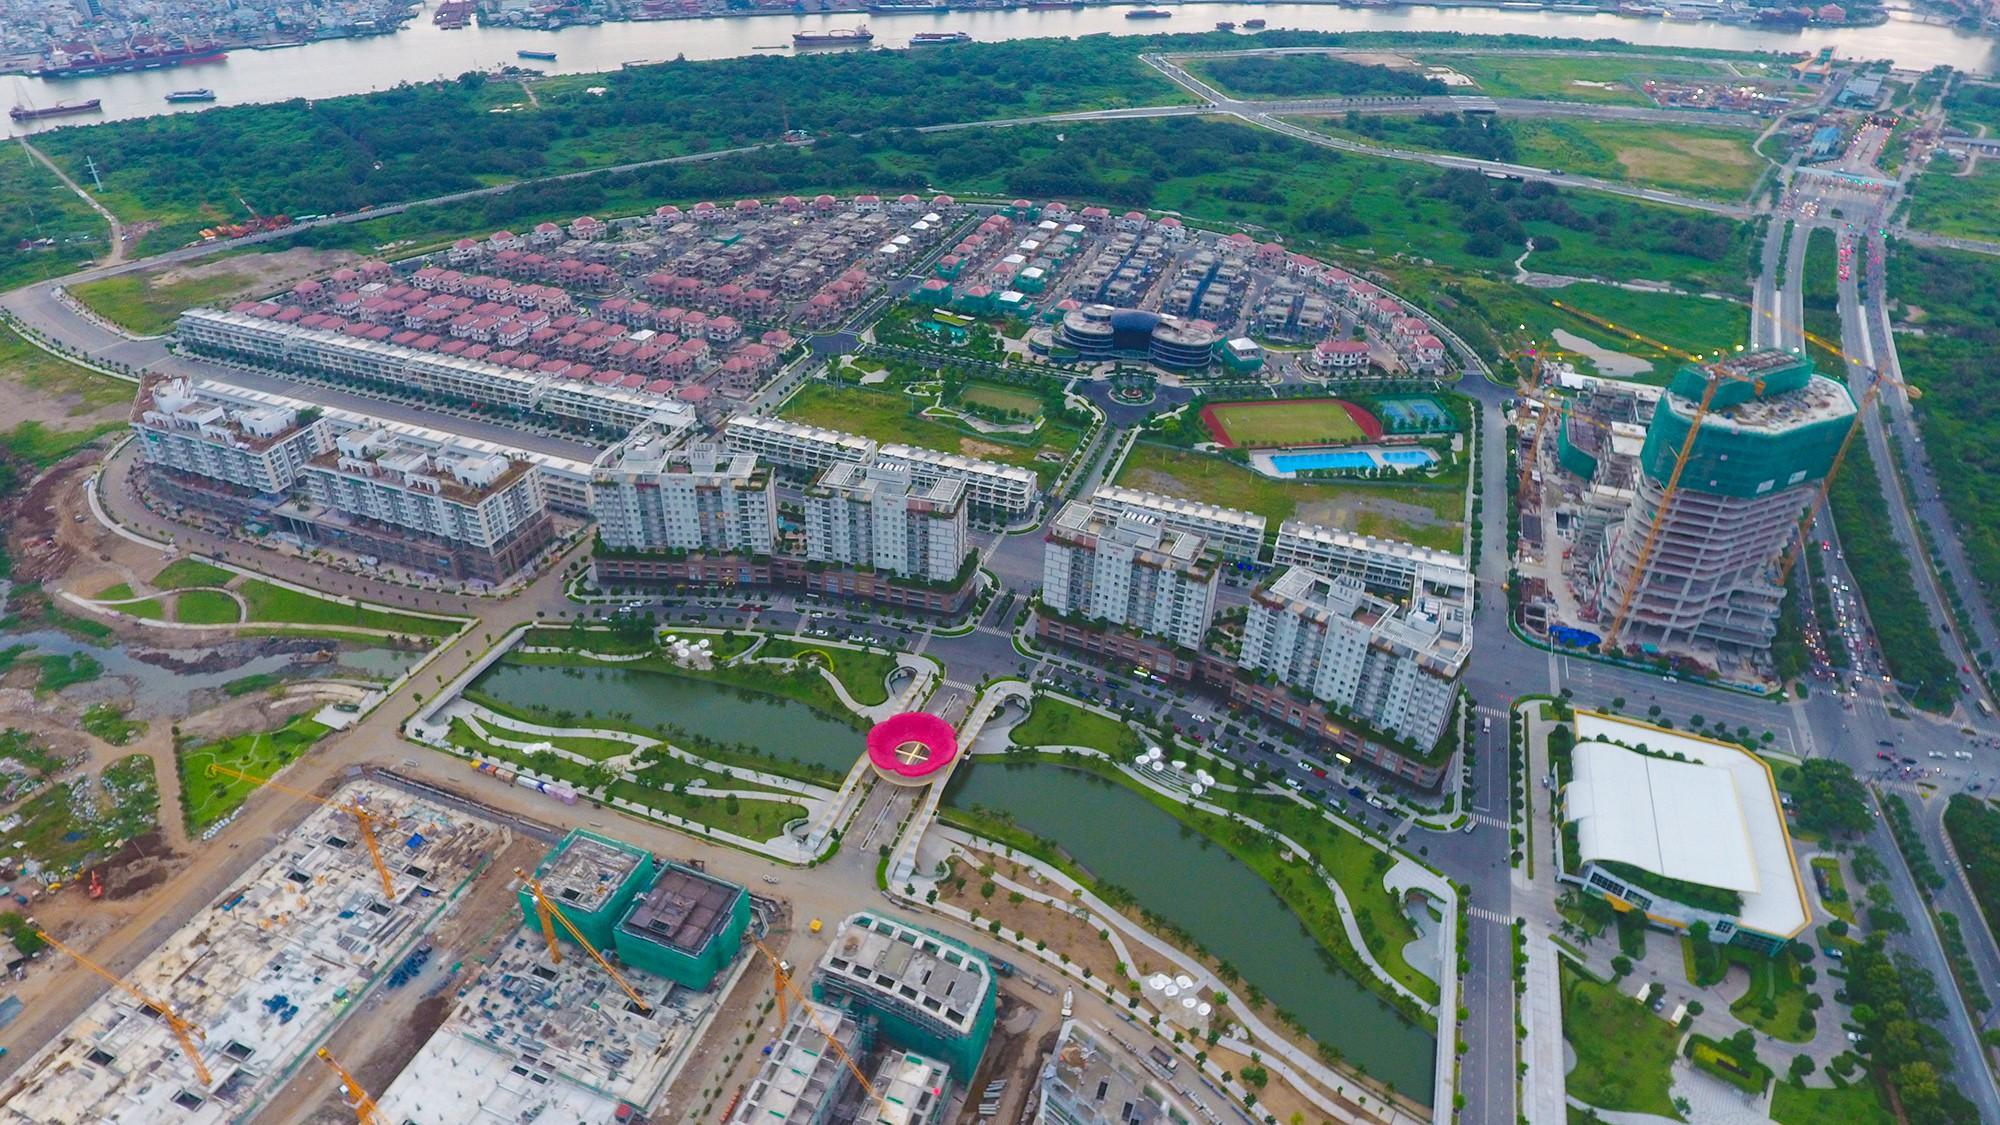 Diện mạo bán đảo Thủ Thiêm - khu đô thị đẹp nhất Sài Gòn nhìn từ trên cao - Ảnh 2.